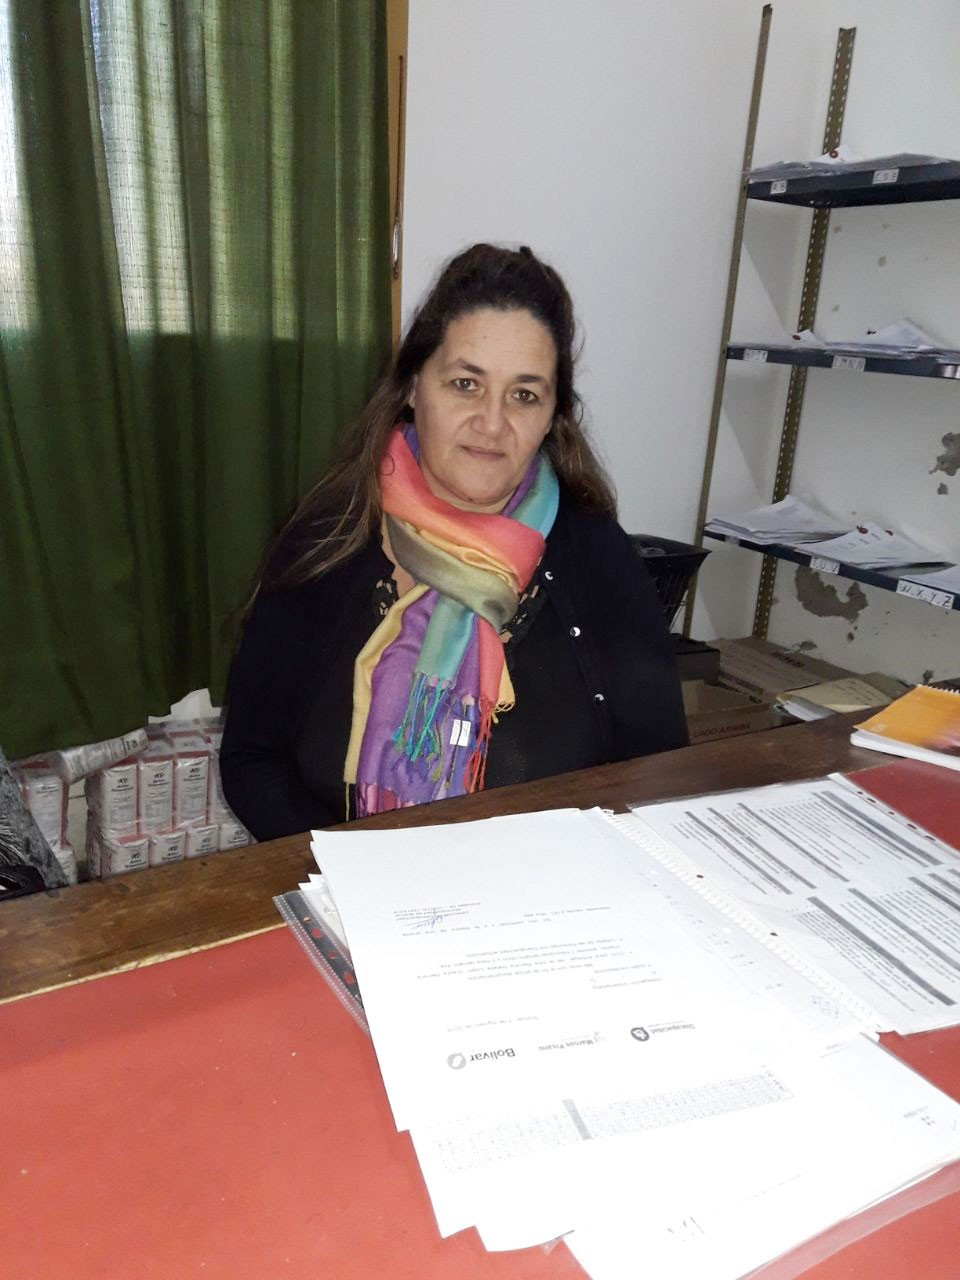 Andrea Montenegro Desarrollo Social: 'Se nota mucho en este momento las necesidades de la gente'